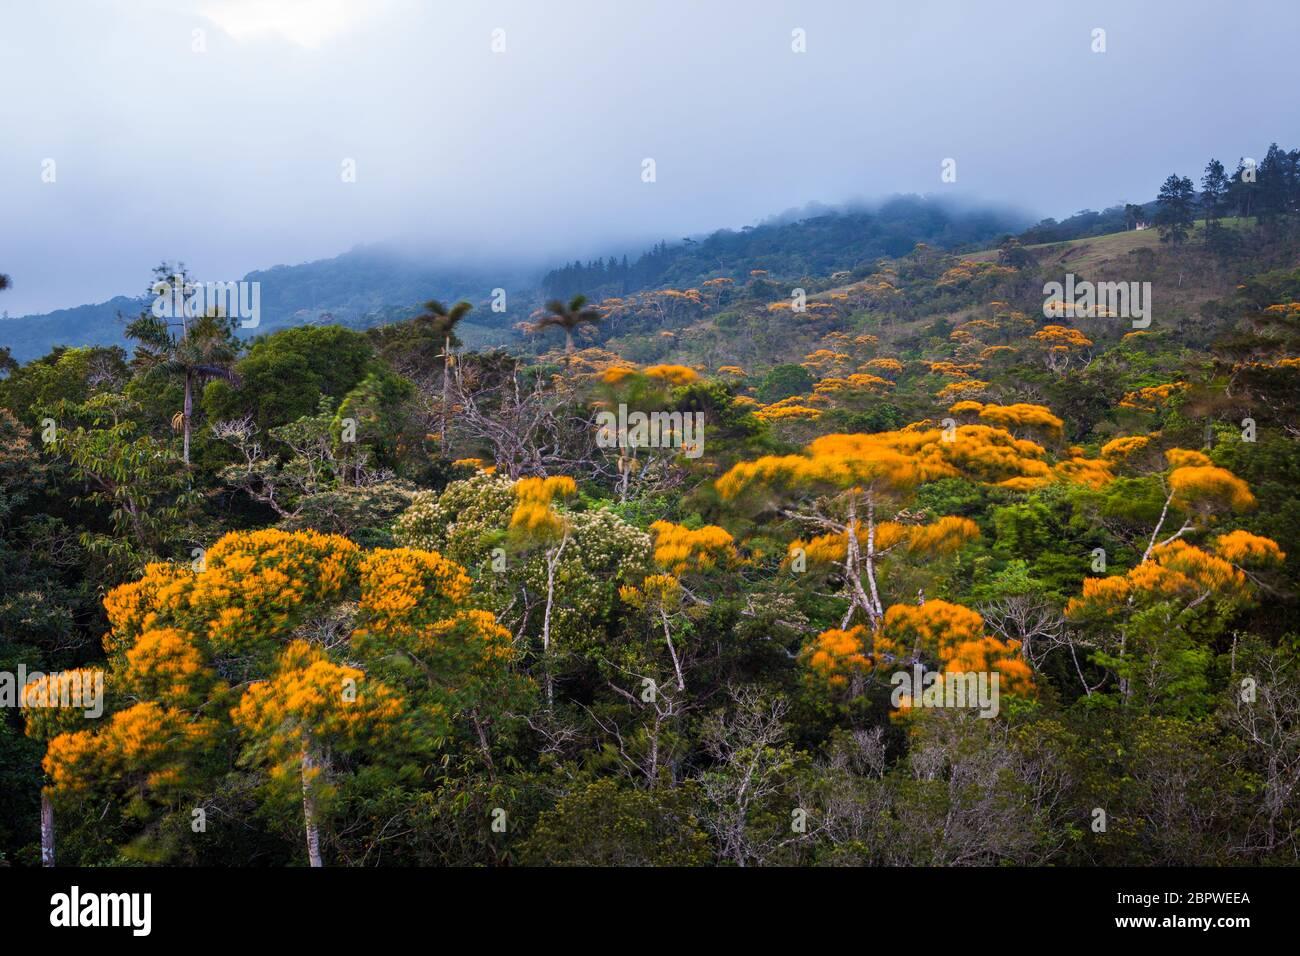 Floración Los árboles de mayo, Vochysia ferruginea, en el bosque nublado del parque nacional Altos de Campana, República de Panamá. Foto de stock